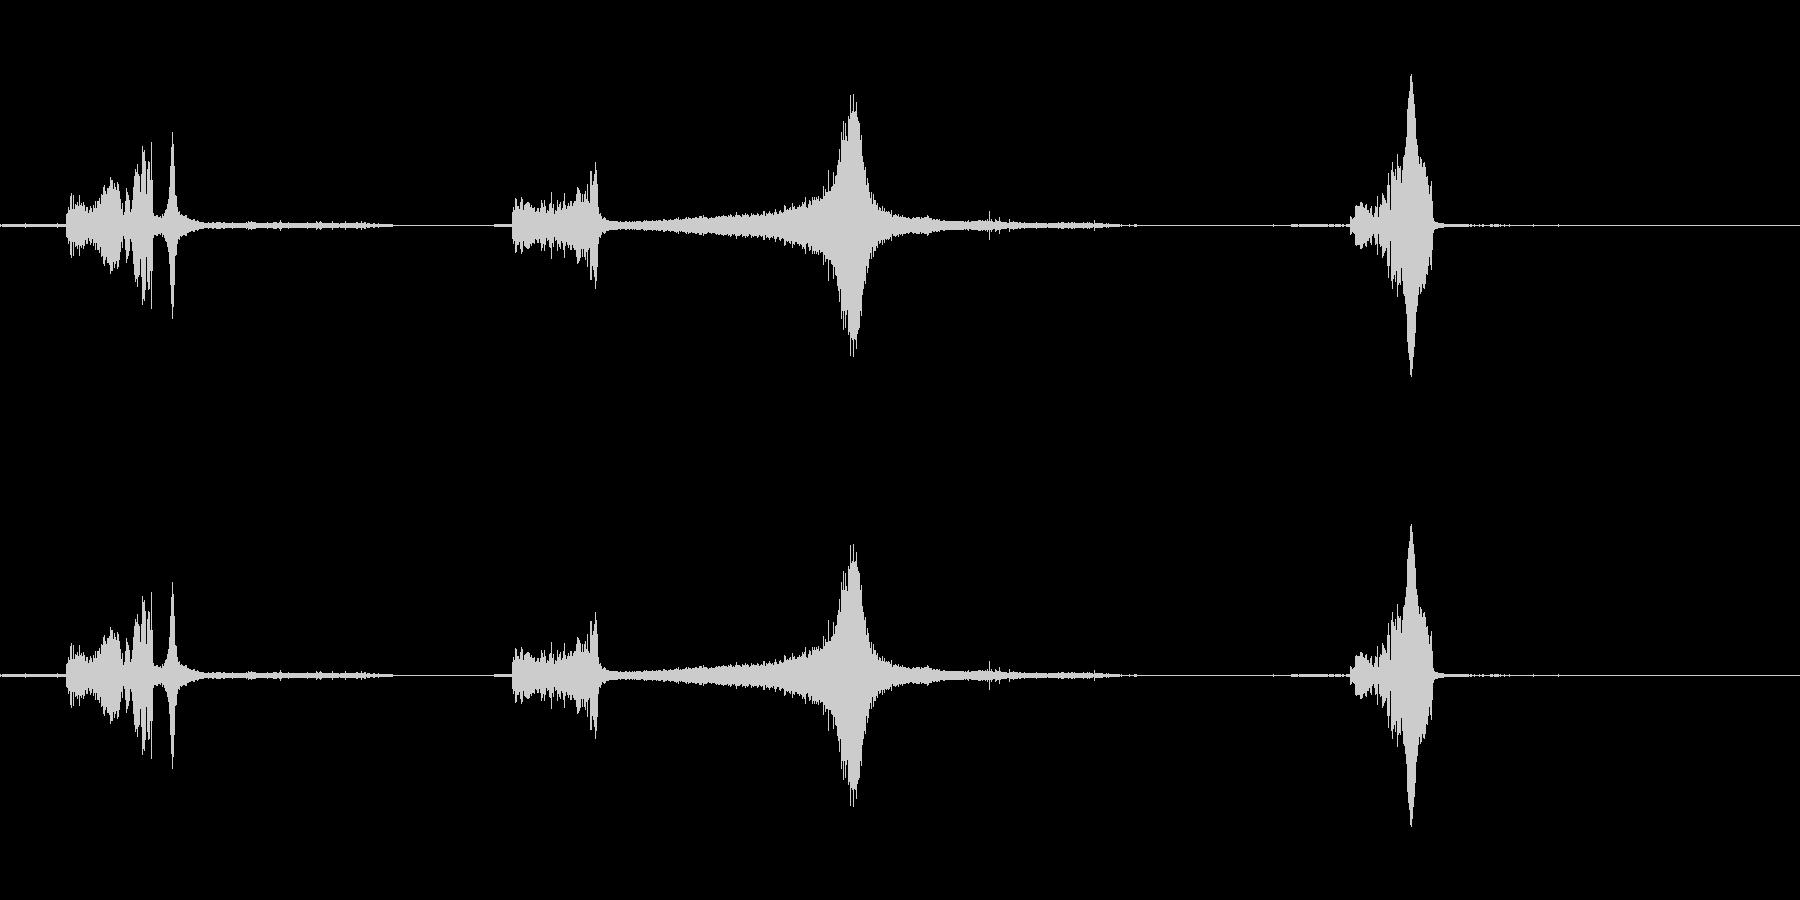 花火-ロケット5の未再生の波形